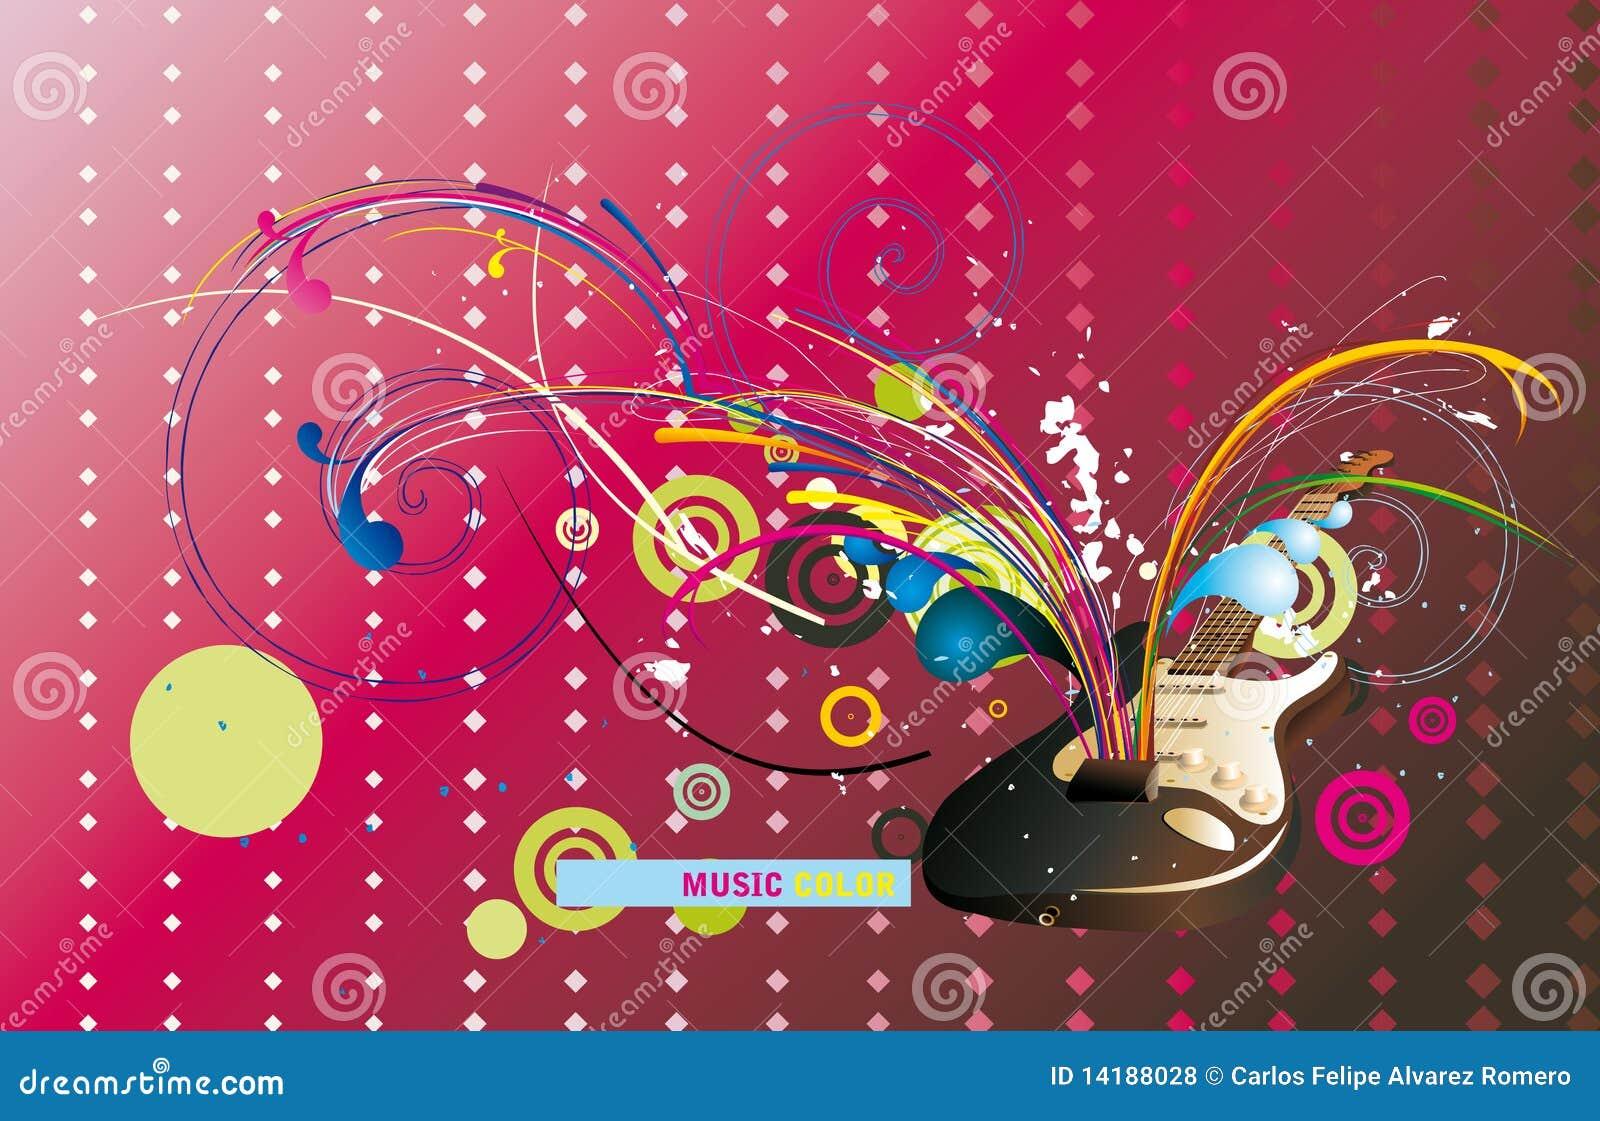 guitar composition stock vector illustration of color 14188028. Black Bedroom Furniture Sets. Home Design Ideas